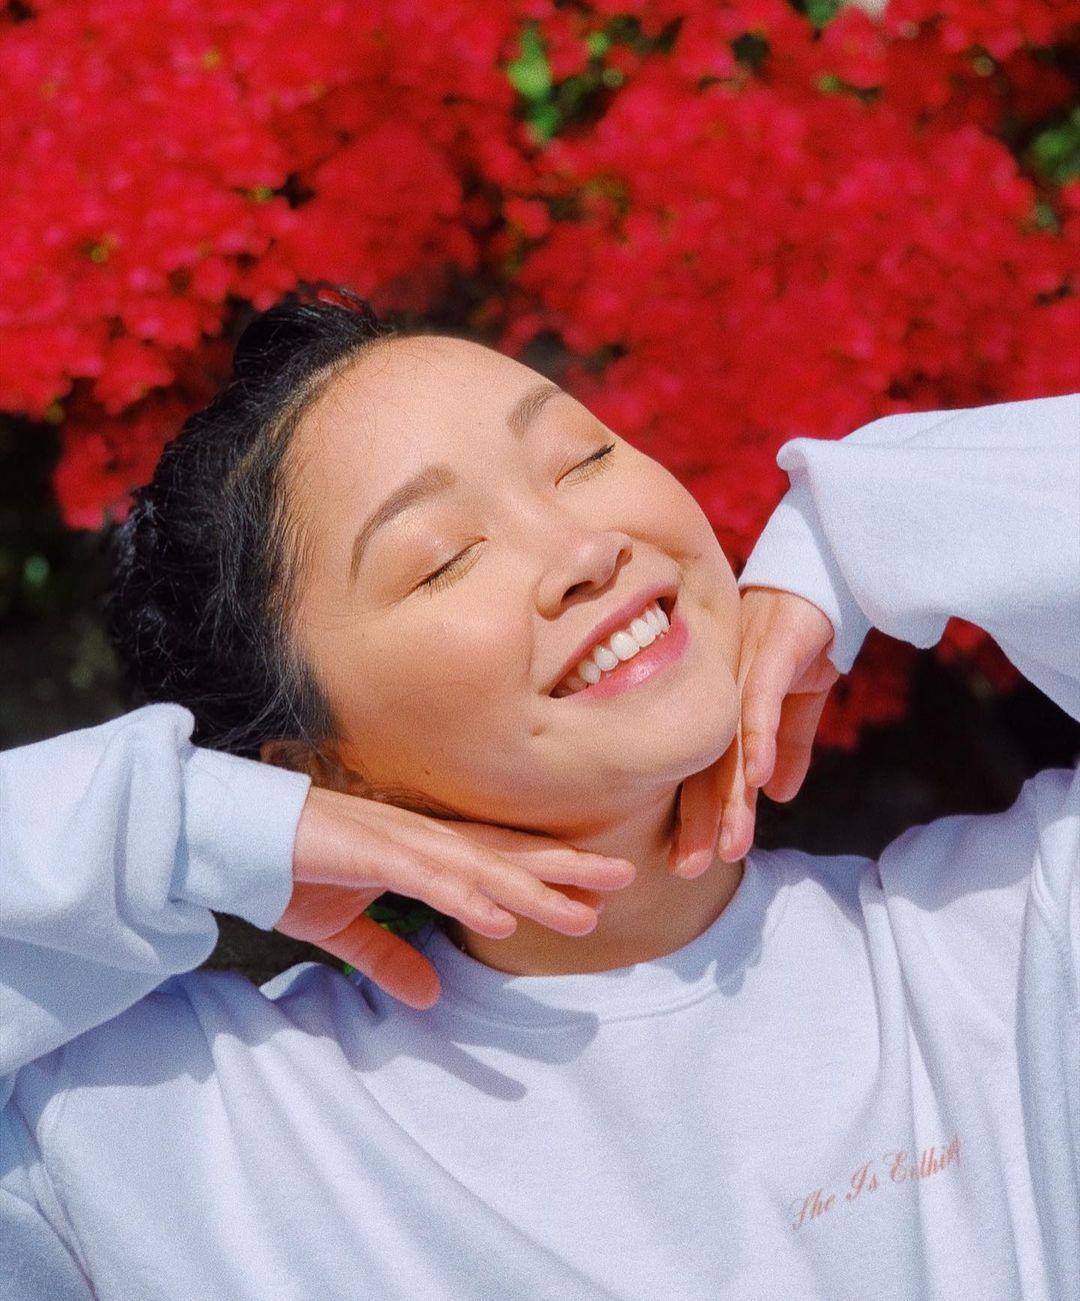 Diễn viên 9X tin rằng sức khỏe làn da và sức khỏe tinh thần có mối liên kết mật thiết.